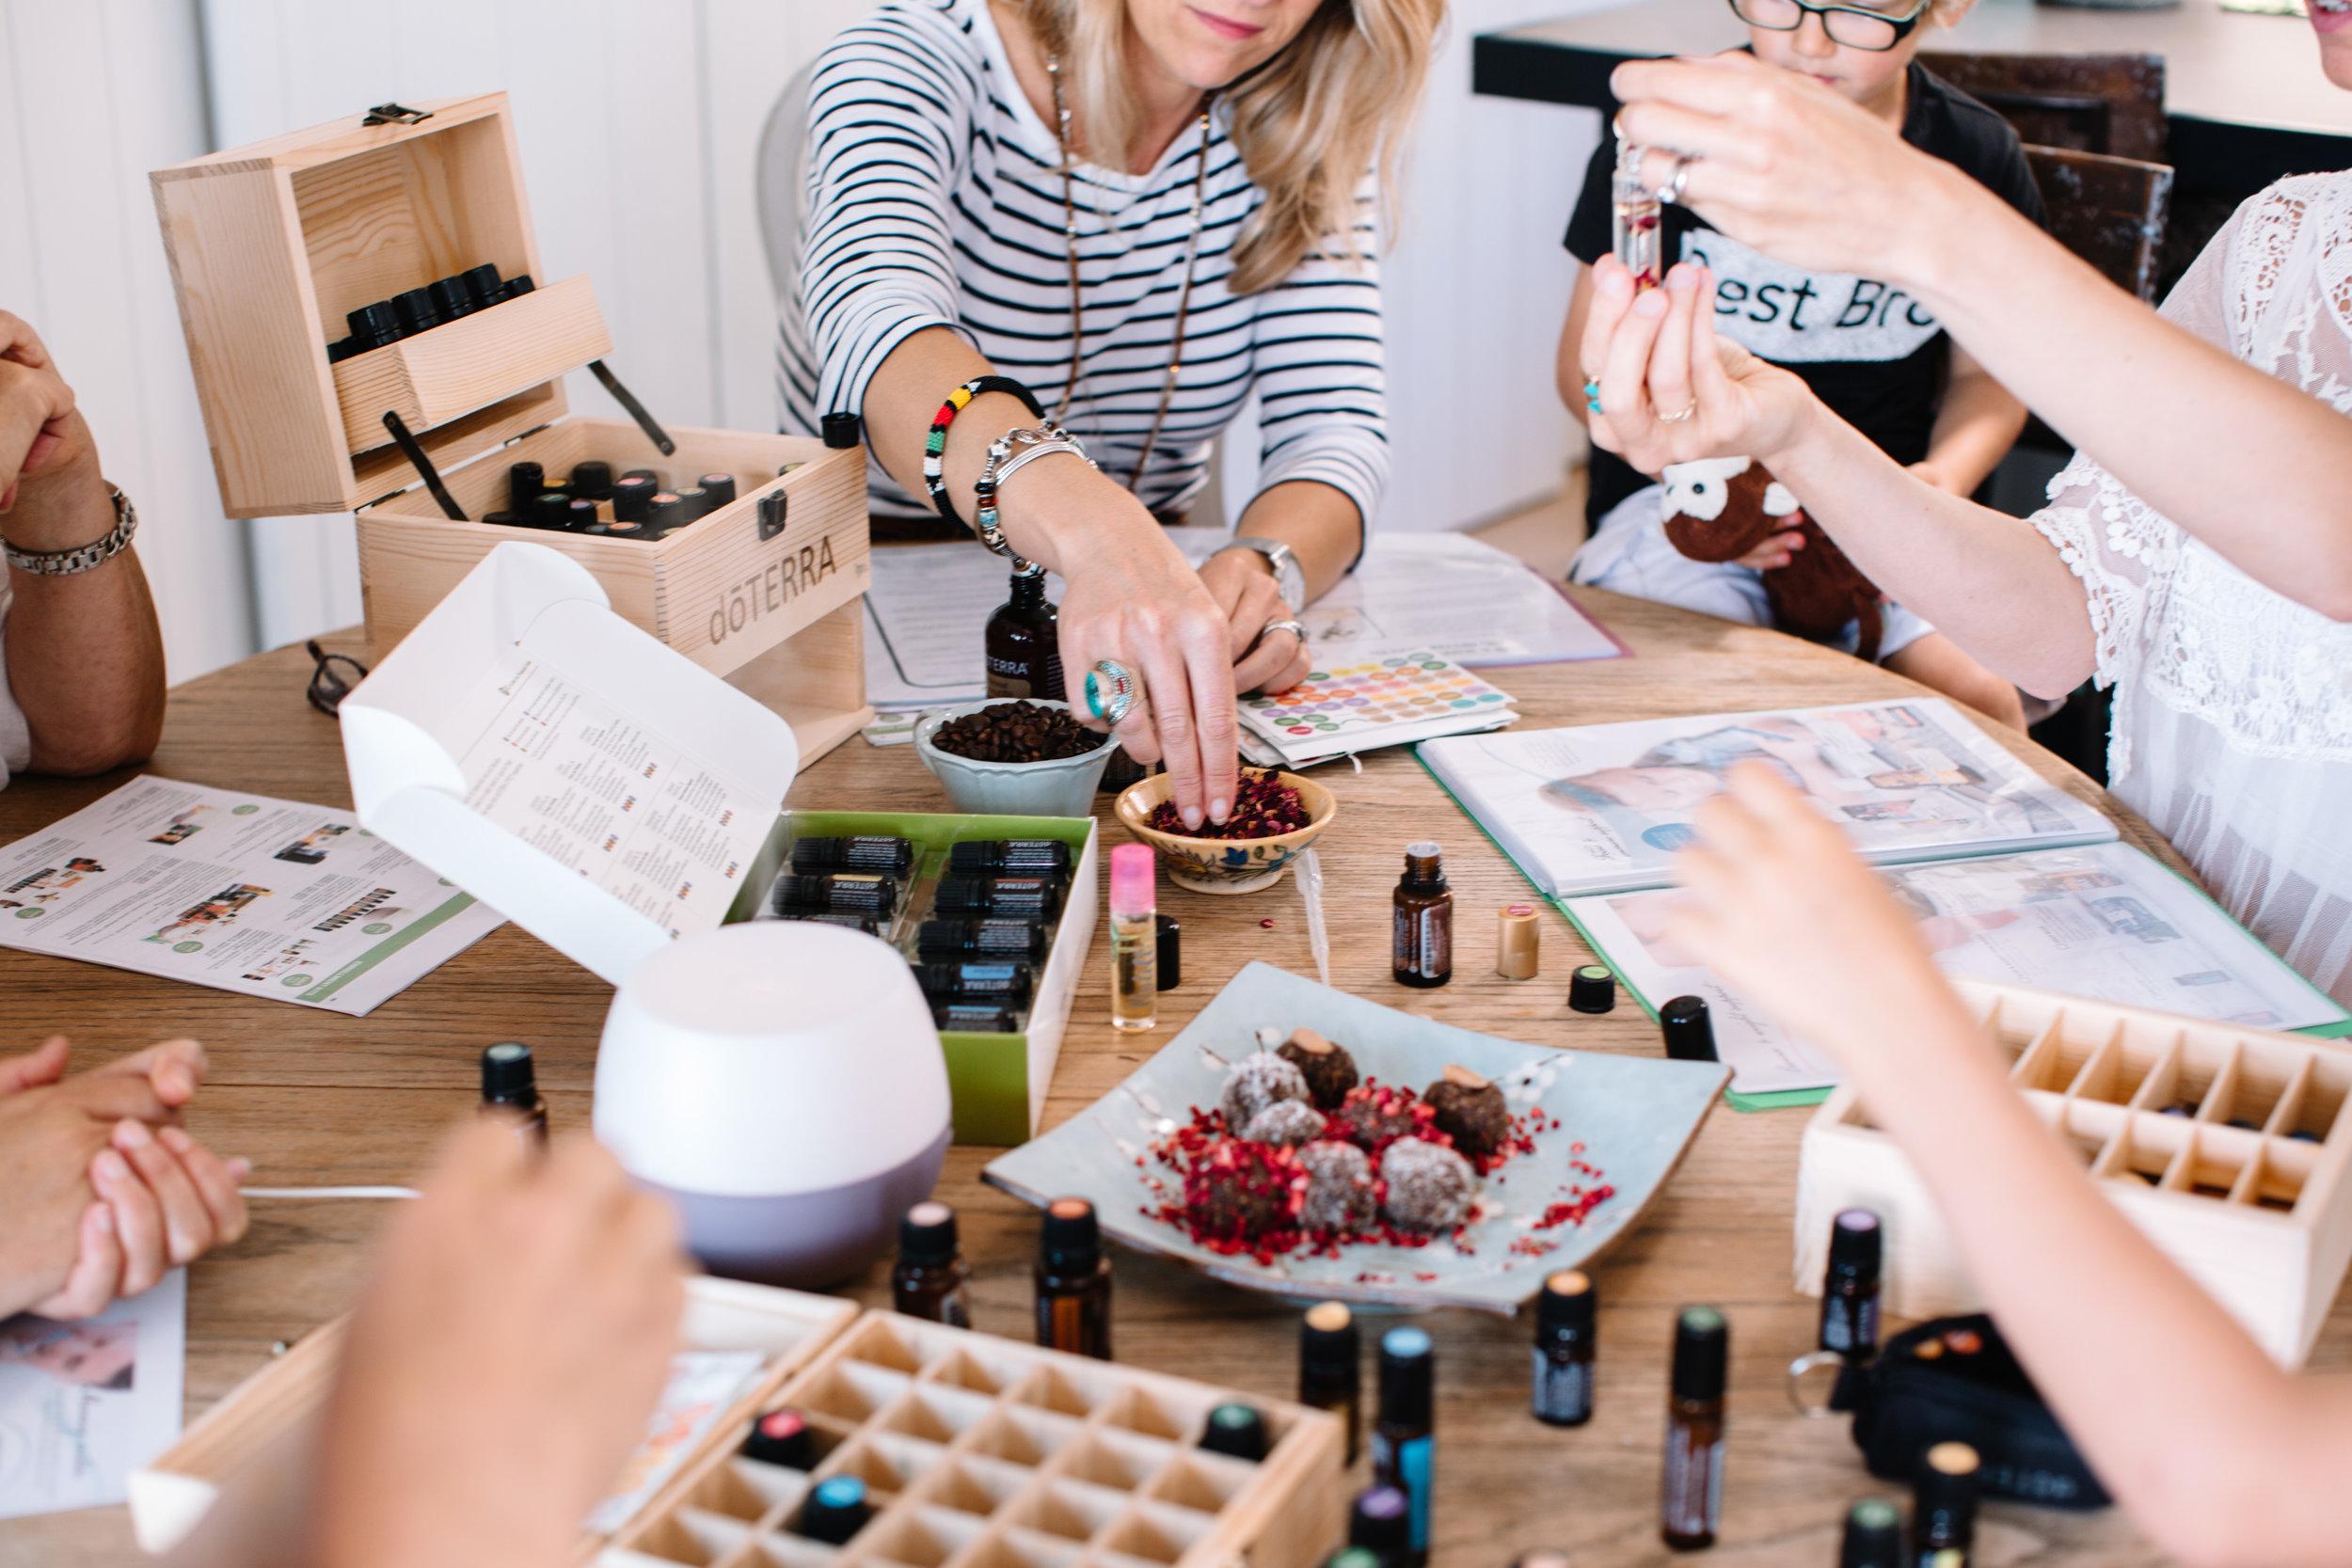 doTERRA essential oils class in Jersey - www.nikolettjones.com